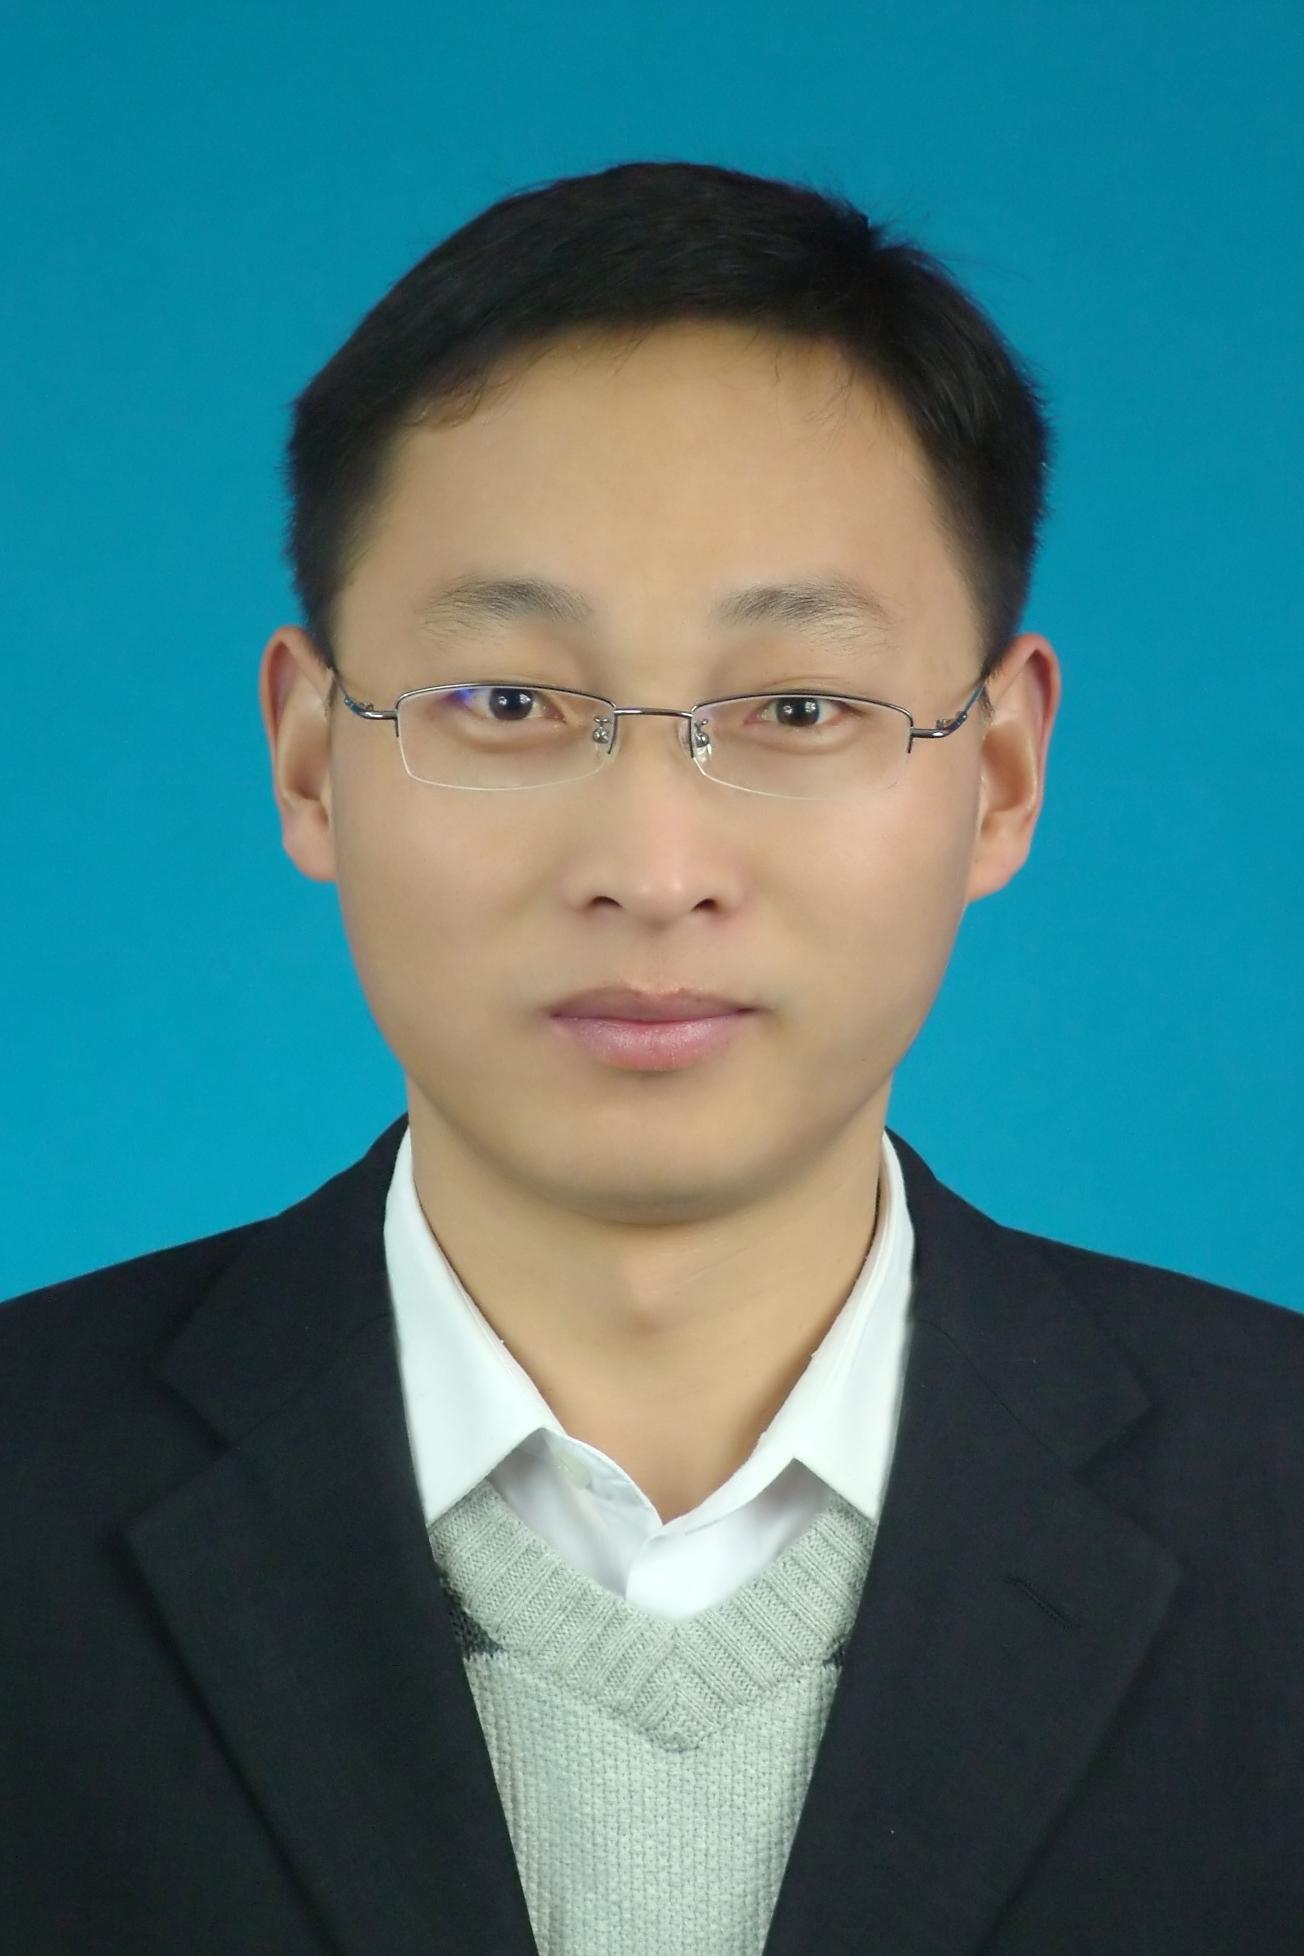 重庆家教任教员